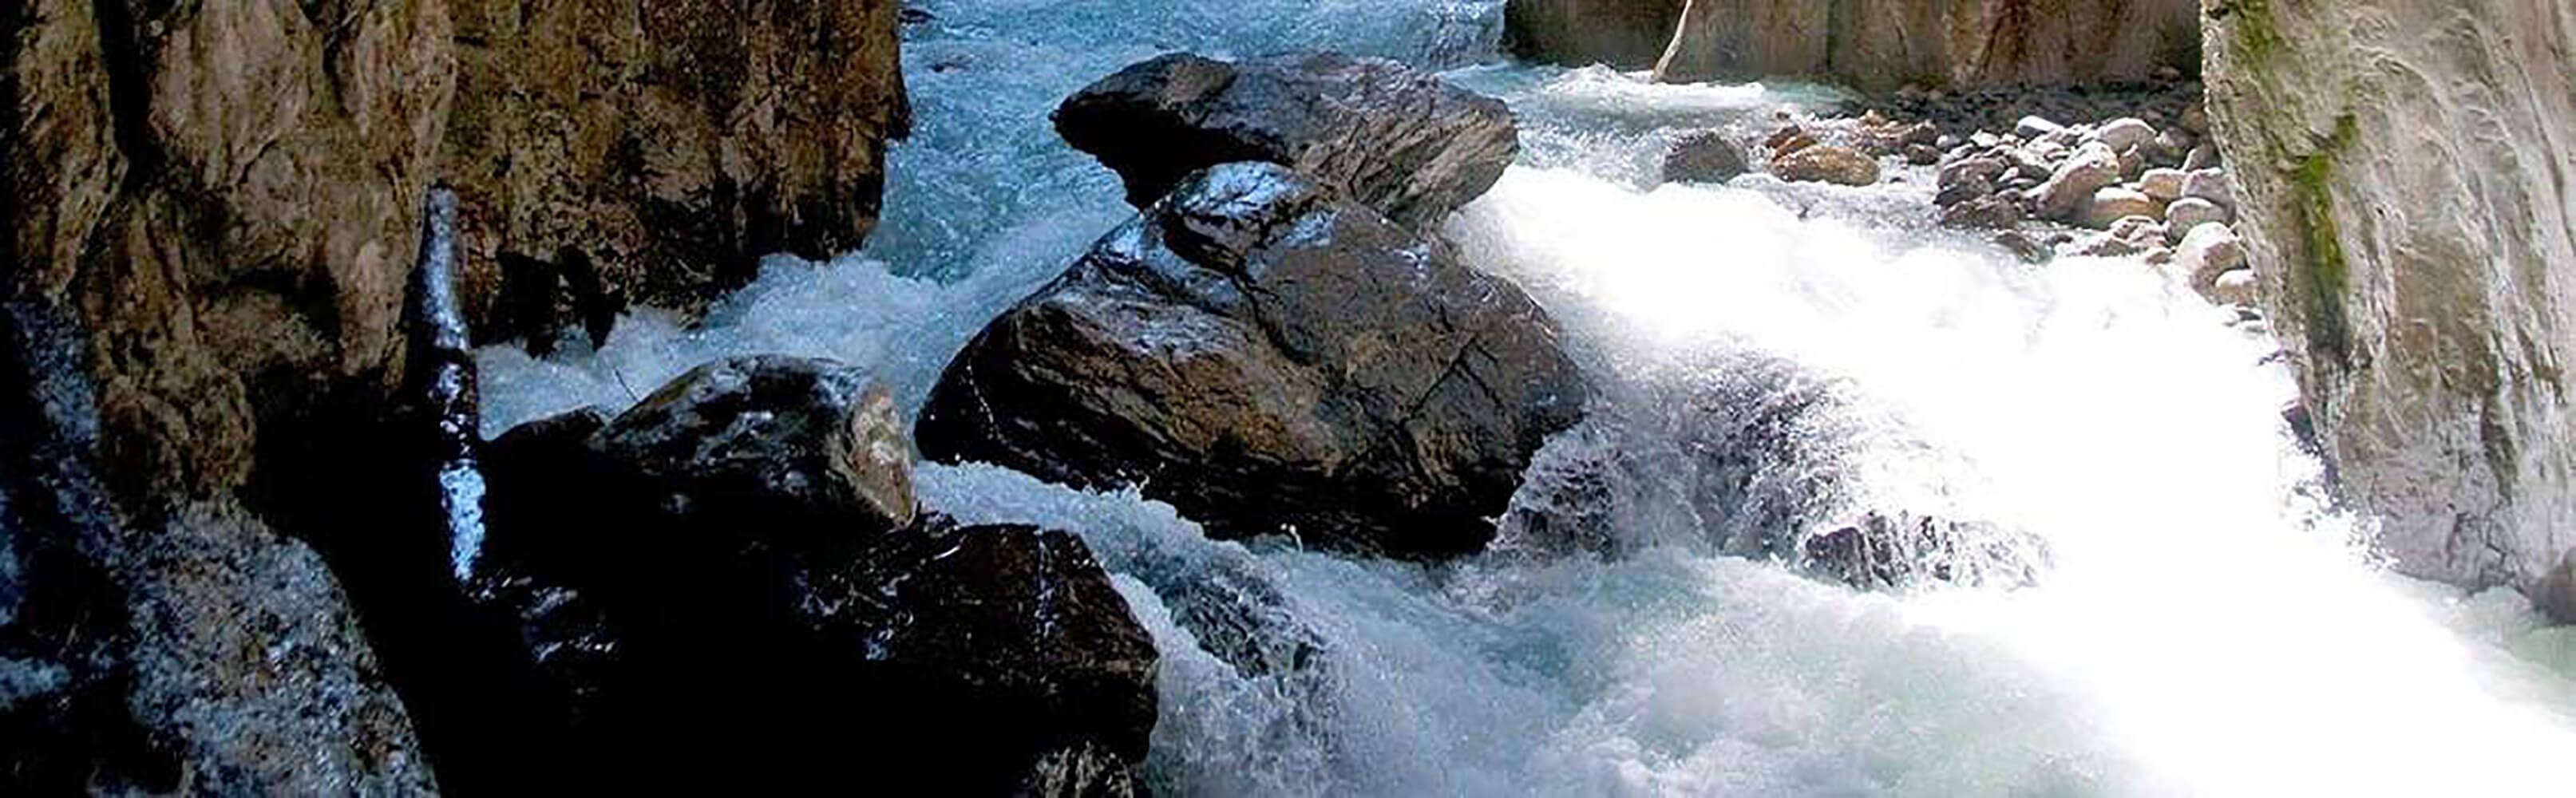 Reichenbachfall und Gletscherschlucht Rosenlaui, Meiringen 1